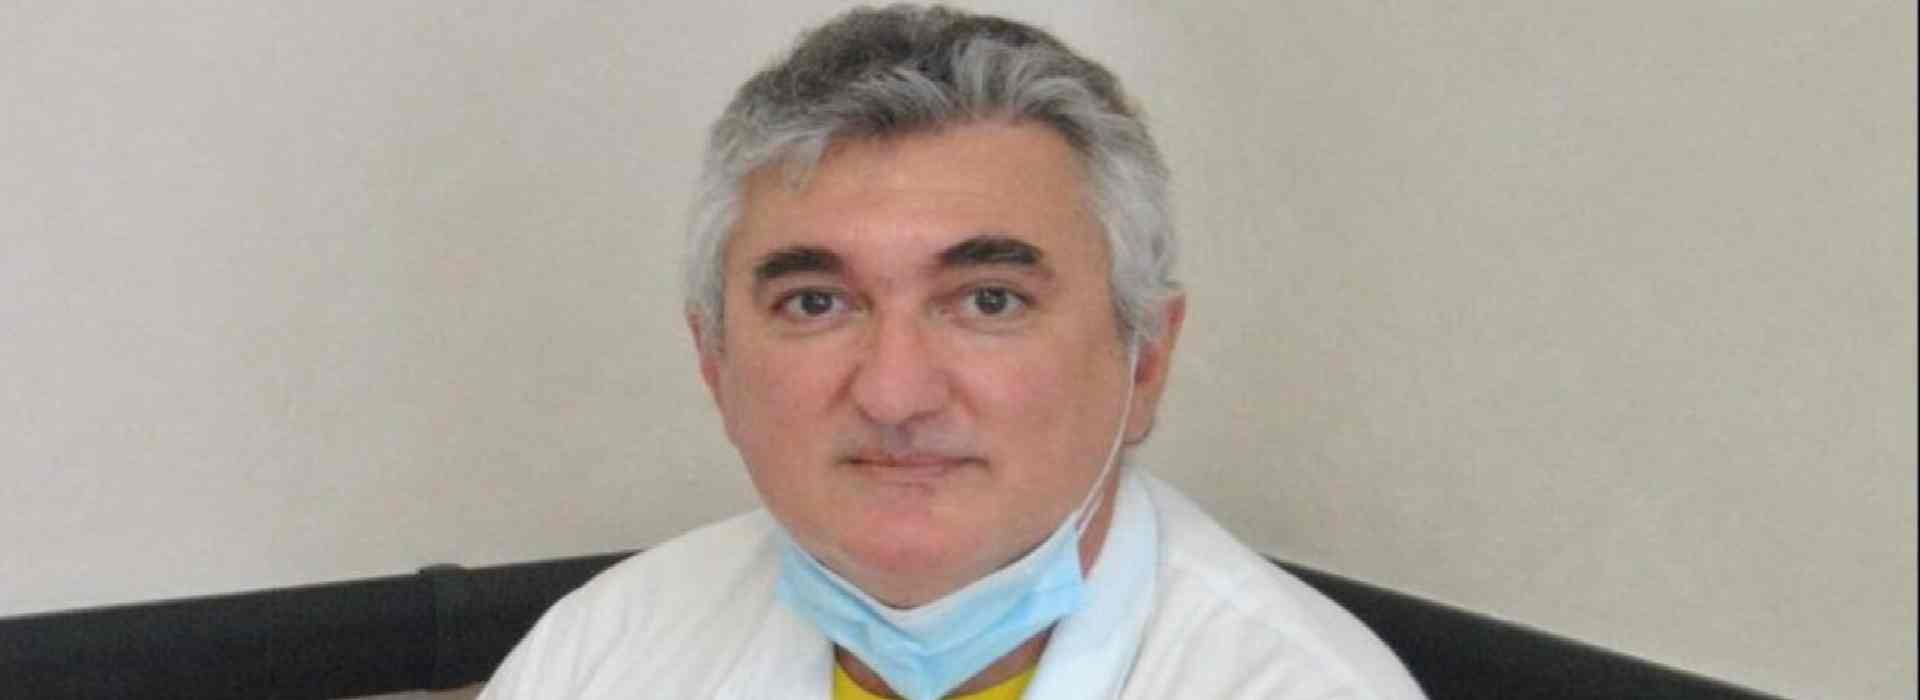 Giuseppe De Donno: l'ipotesi è di omicidio colposo